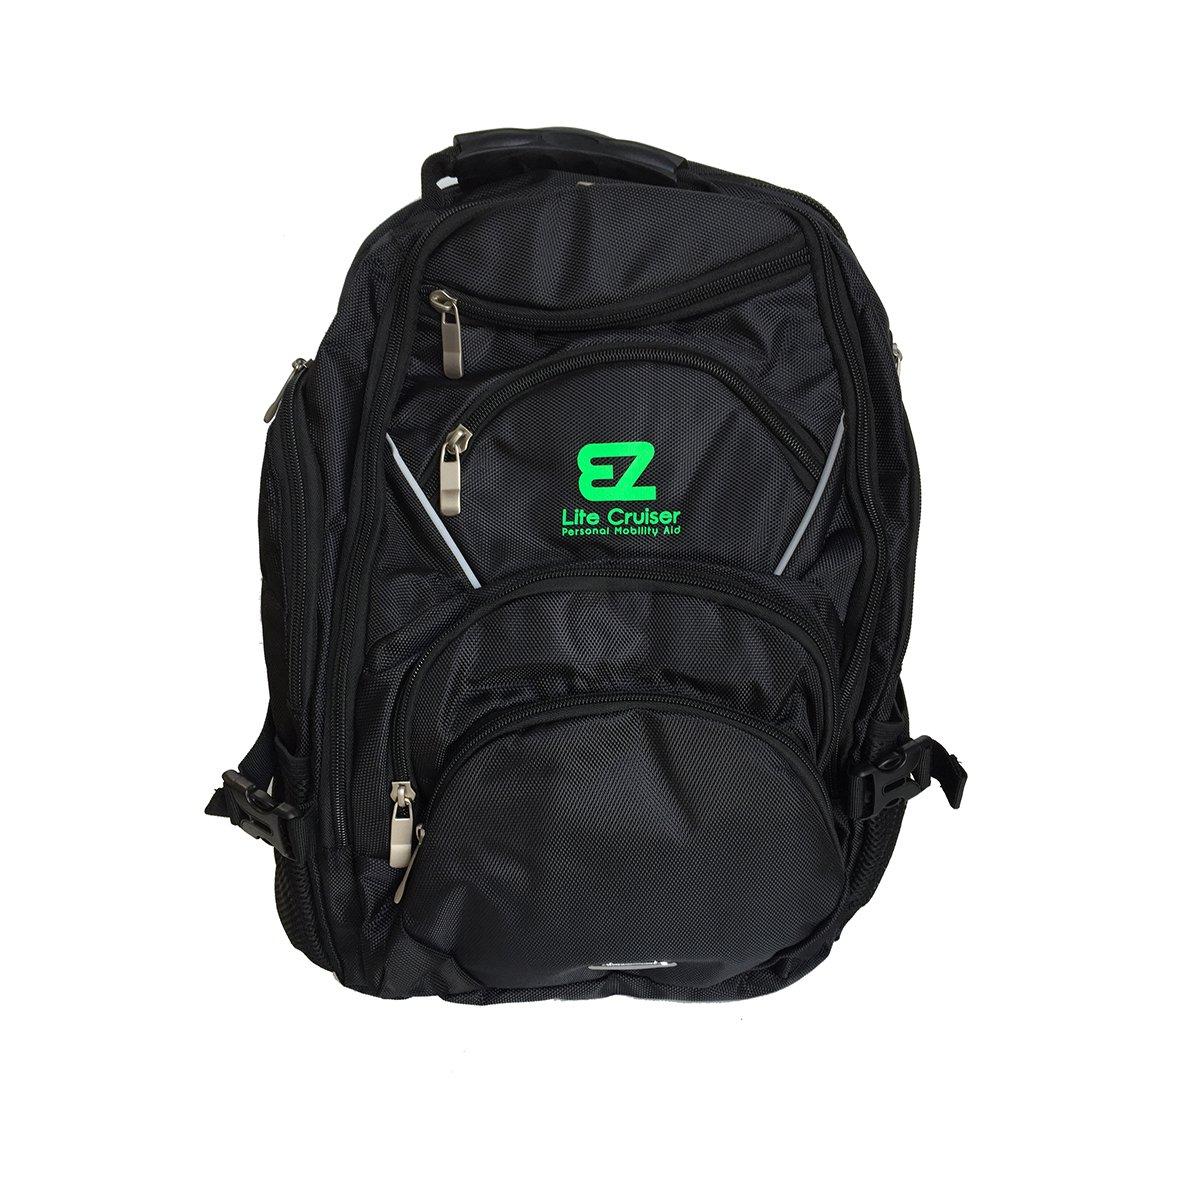 EZ Lite Cruiser Back Pack